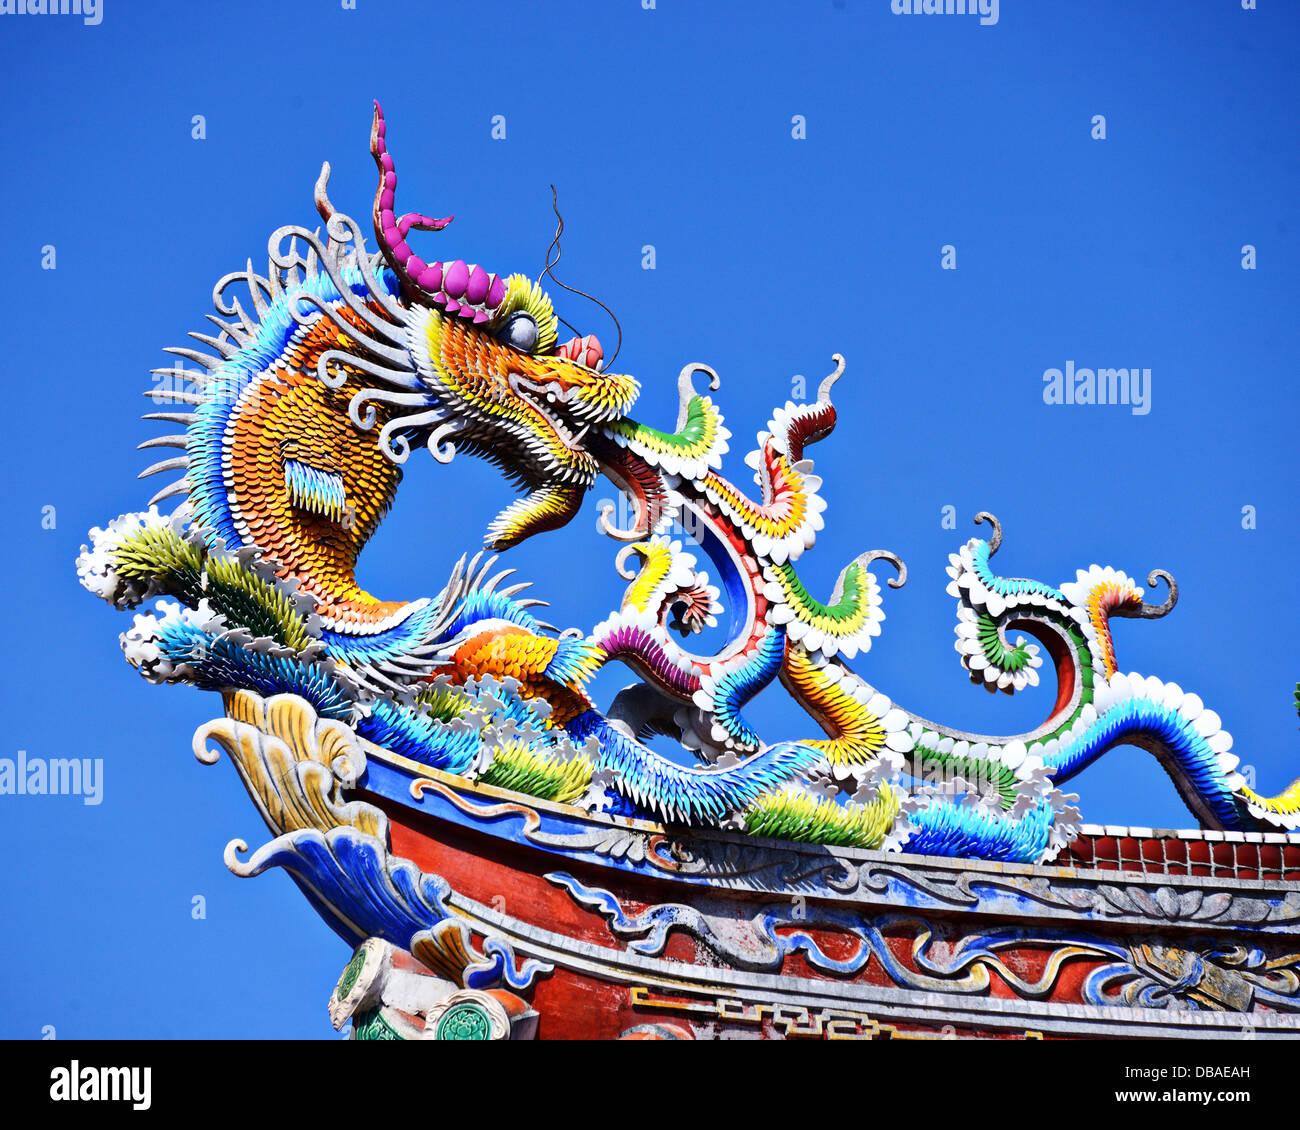 Verziert chinesischen Tempel Detail in den Himmel. Stockbild